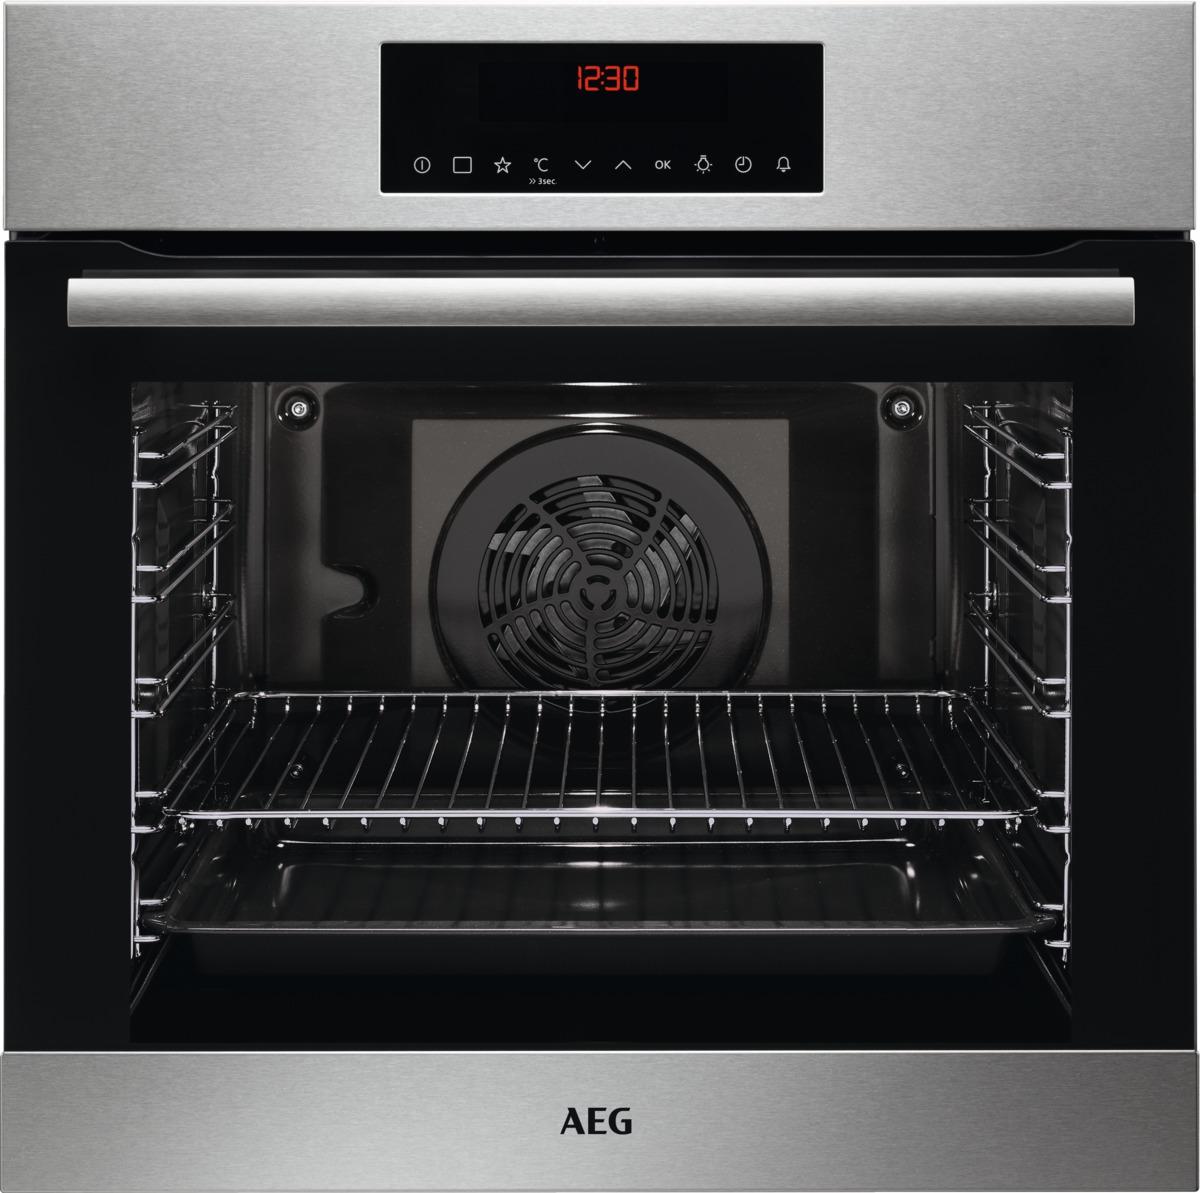 Aeg bek63102zm einbauherd backofen stainless steel for Aeg einbauherd